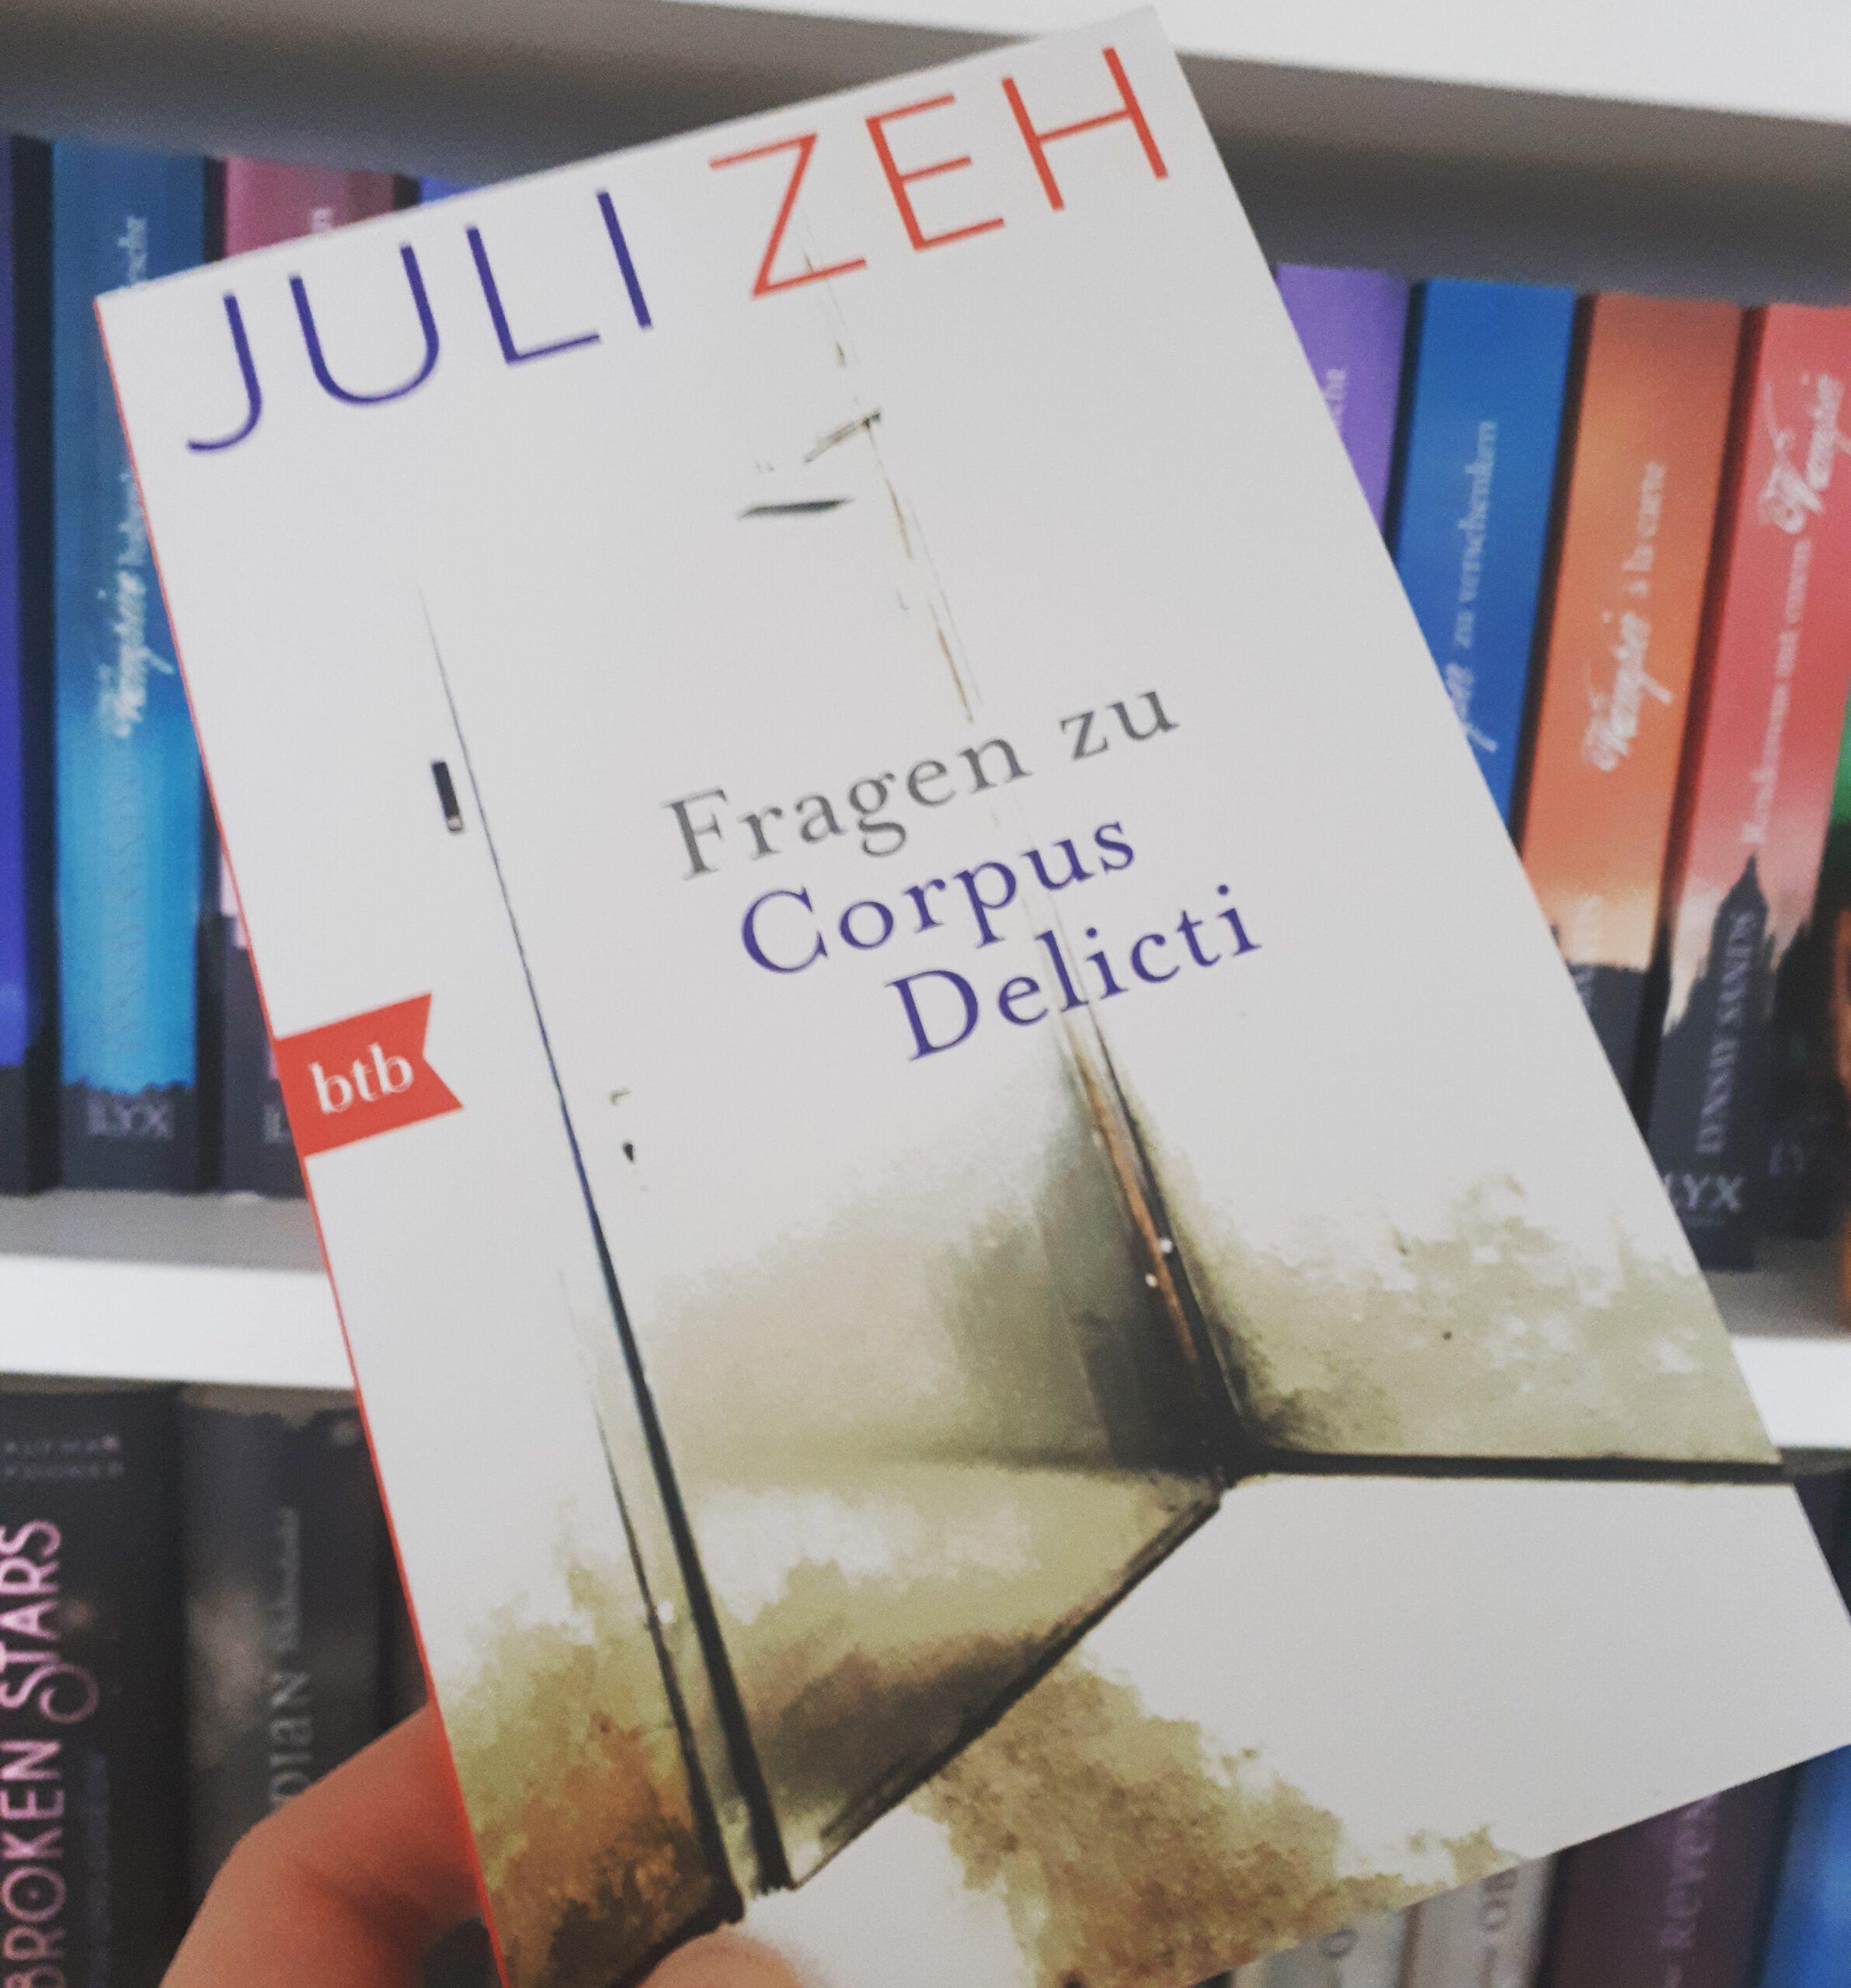 [Rezensionsexemplar] Fragen zu Corpus Delicti – Juli Zeh